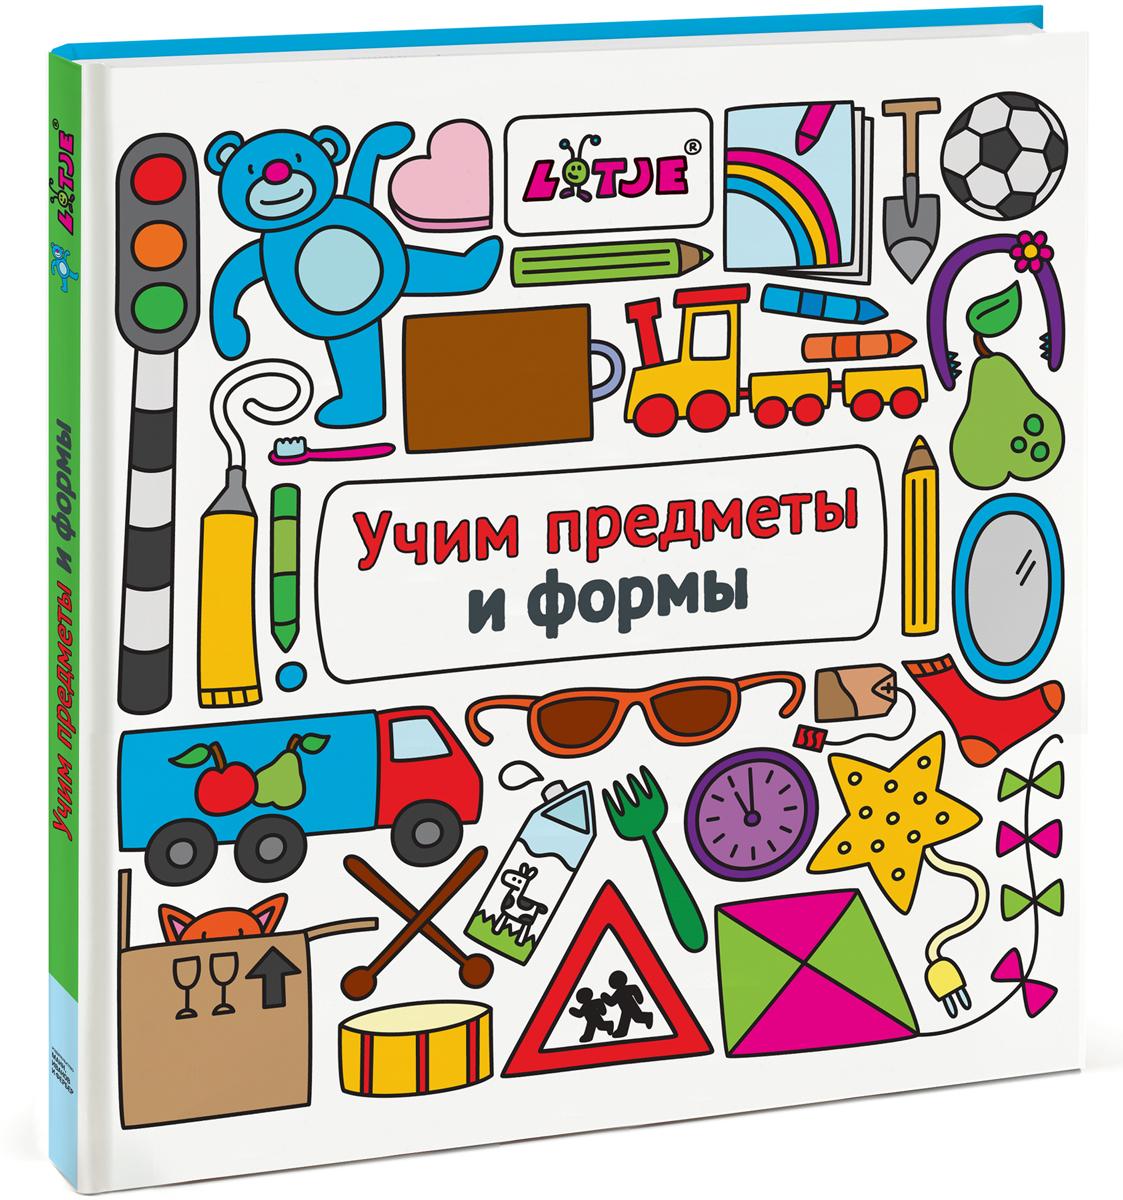 Учим предметы и формы12296407О чем эта книга Эта яркая, красочная книга познакомит вашего ребенка с новыми словами и научит различать формы. На каждом развороте вас ждут: тематическая иллюстрация-коллаж с самыми разными предметами, которые ребенок может увидеть дома и на улице: одежда, посуда, игрушки, продукты, транспорт и т.д. примеры различных форм задания для развития речи, внимания и памяти Как заниматься по этой книге? Сначала рассмотрите внимательно иллюстрацию. Затем попросите ребенка найти на ней разные предметы и назвать те, на которые вы показываете. Объясните ребенку, как выглядят предметы различной формы, и найдите их на картинке. И не забудьте, что на каждом развороте среди мелких деталей коллажа спрятаны часы — их тоже нужно найти! Фишки книги Яркие, веселые иллюстрации. Развивающие задания в игровой форме. Плотная бумага, которая не помнется и не порвется, пока малыш будет листать книгу. Для кого эта...